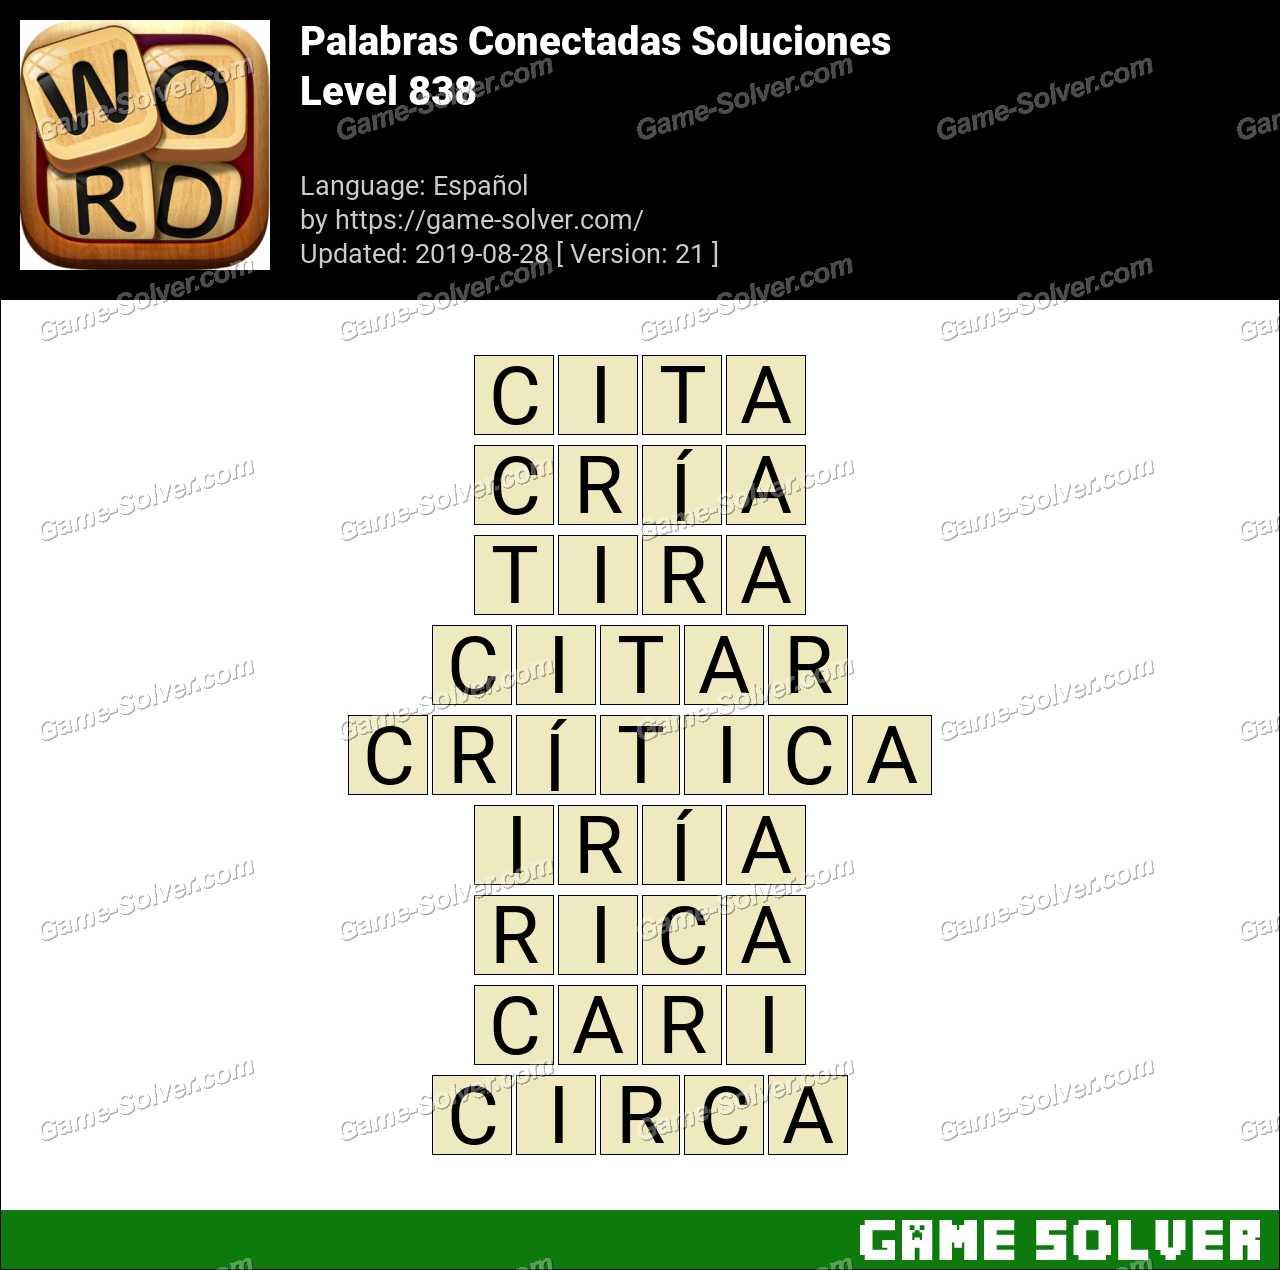 Palabras Conectadas Nivel 838 Soluciones